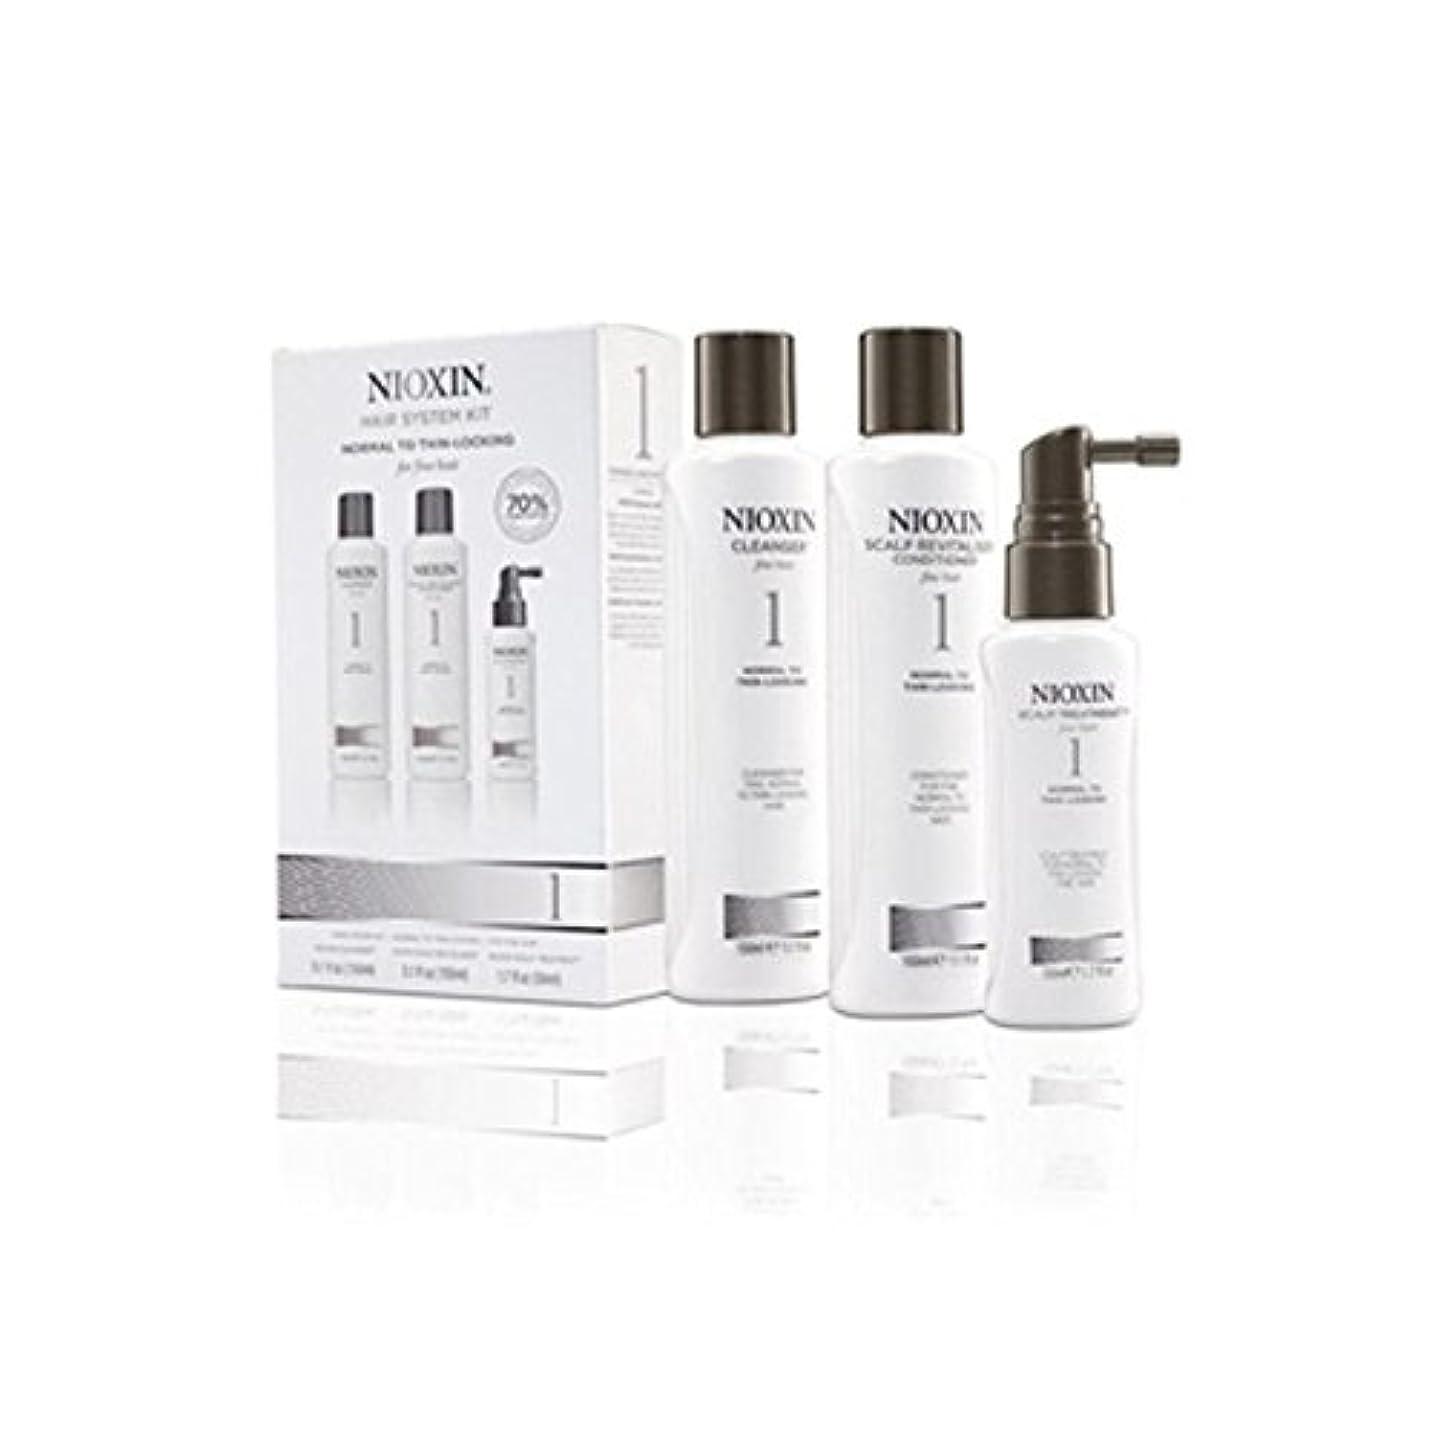 具体的に同行課す細かい自然な髪への通常のためニオキシンヘアシステムキット1(3製品) x2 - Nioxin Hair System Kit 1 For Normal To Fine Natural Hair (3 Products)...